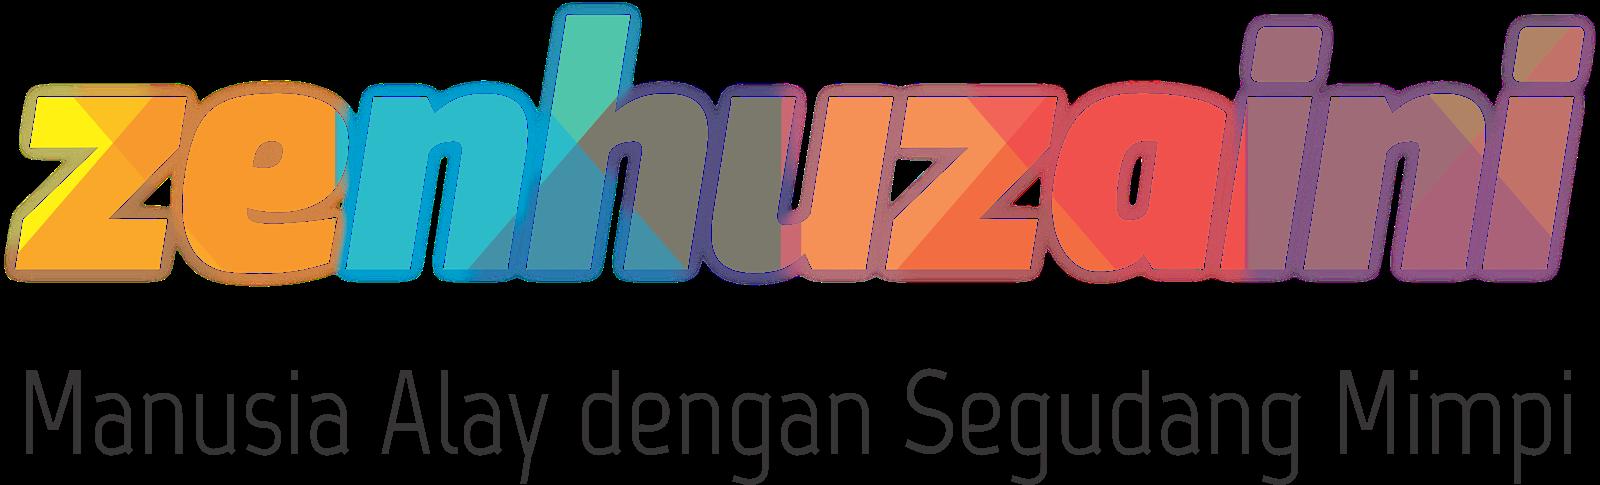 Zen Huzaini